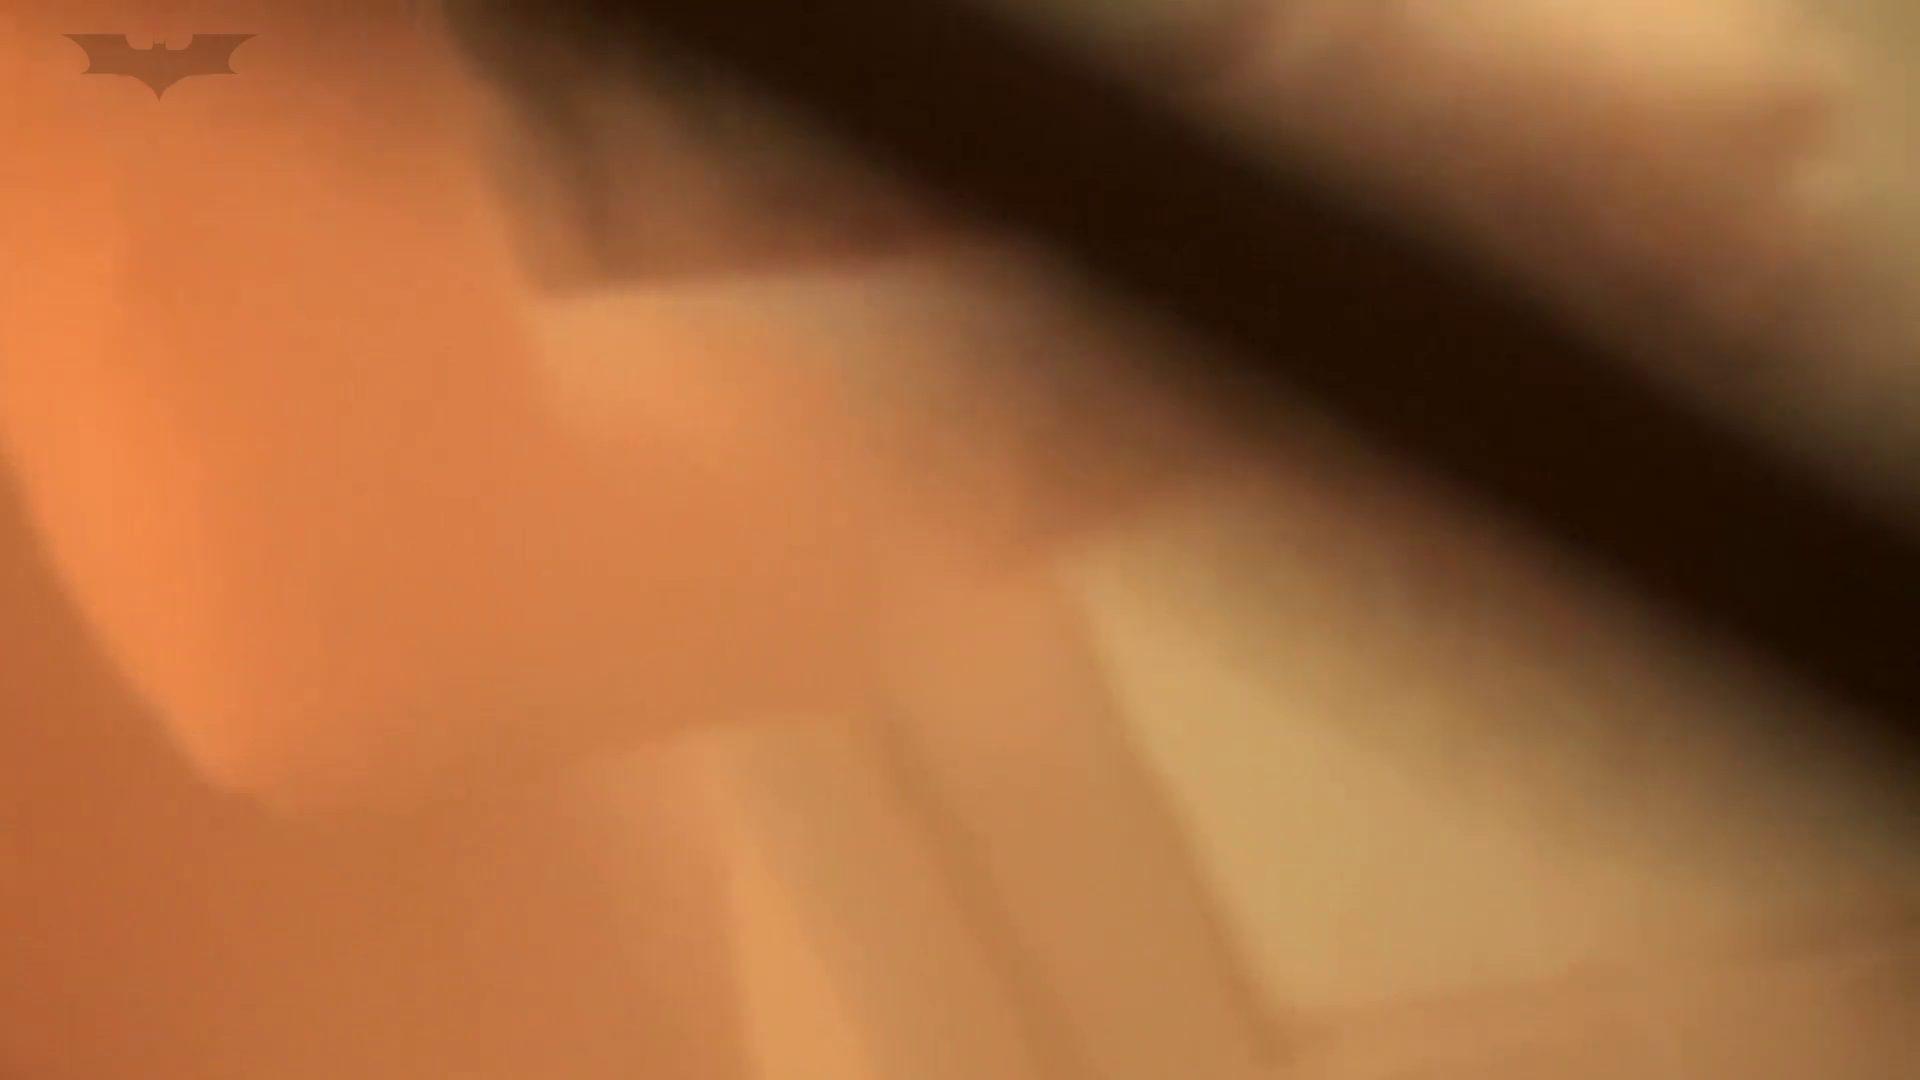 *華の女子寮ノゾキ* vol.03 こないだまでJKだった黒髪炉利っ子。 桃色乳首 すけべAV動画紹介 98枚 86